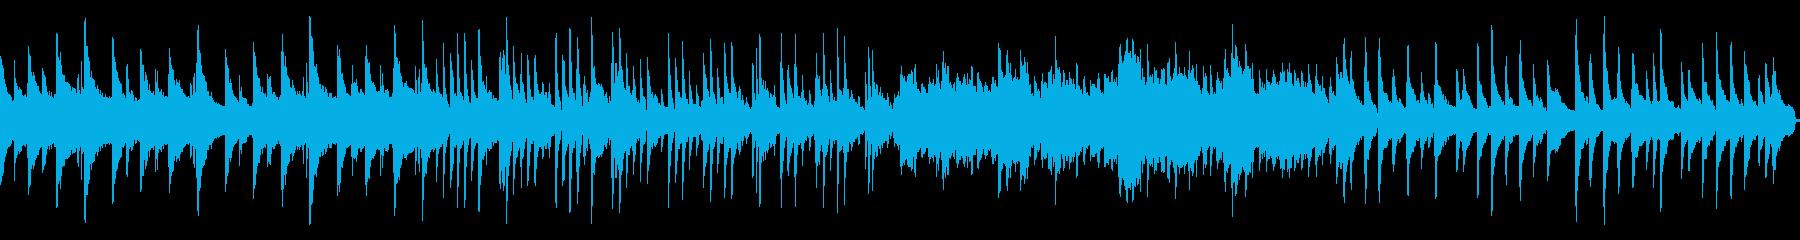 ピアノが印象的な癒しのBGMの再生済みの波形